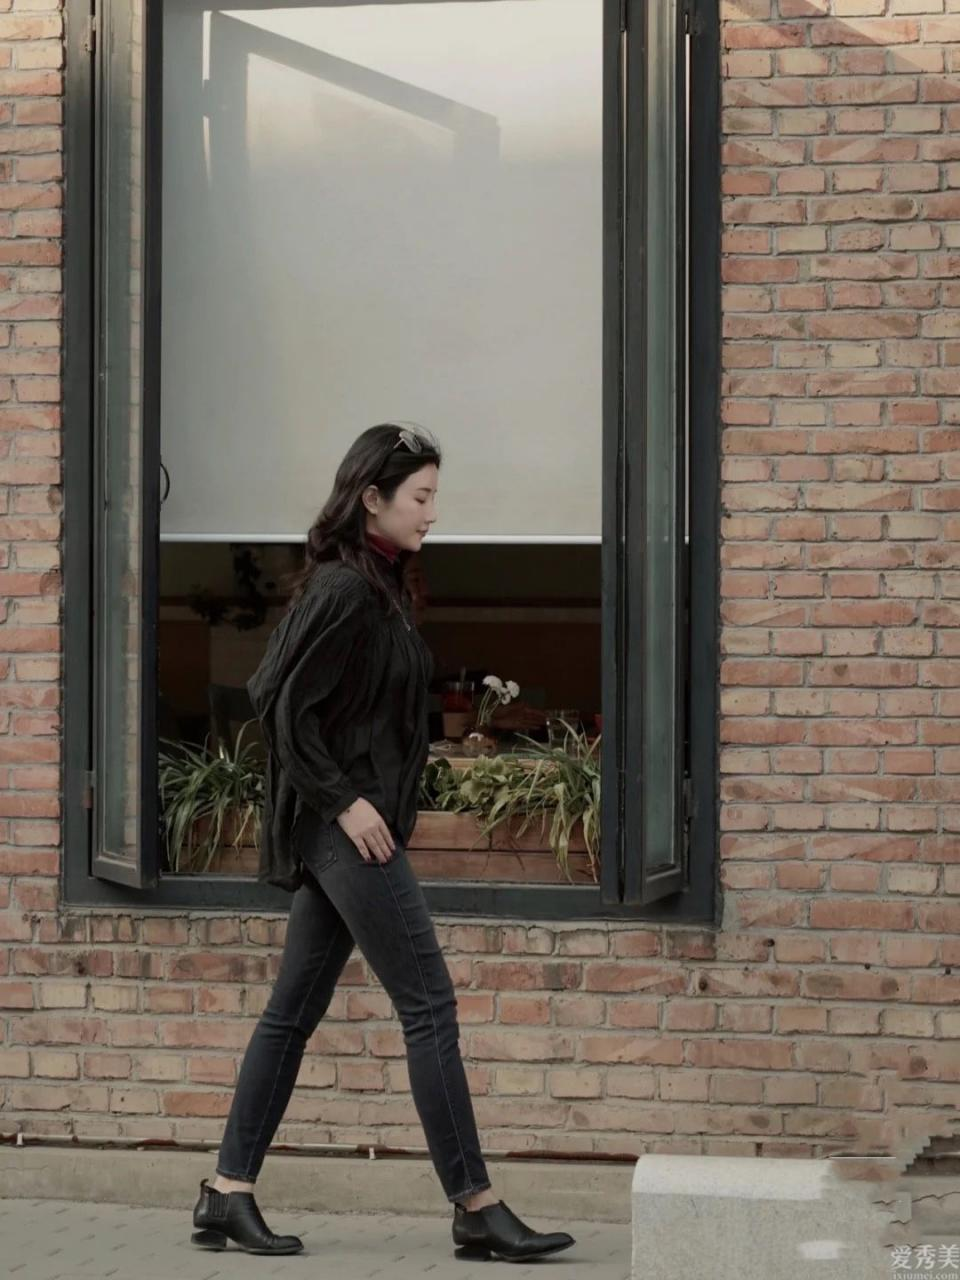 冬季穿牛仔褲時,盡量別配平底鞋,追隨時尚達人那麼穿,的確時尚潮流